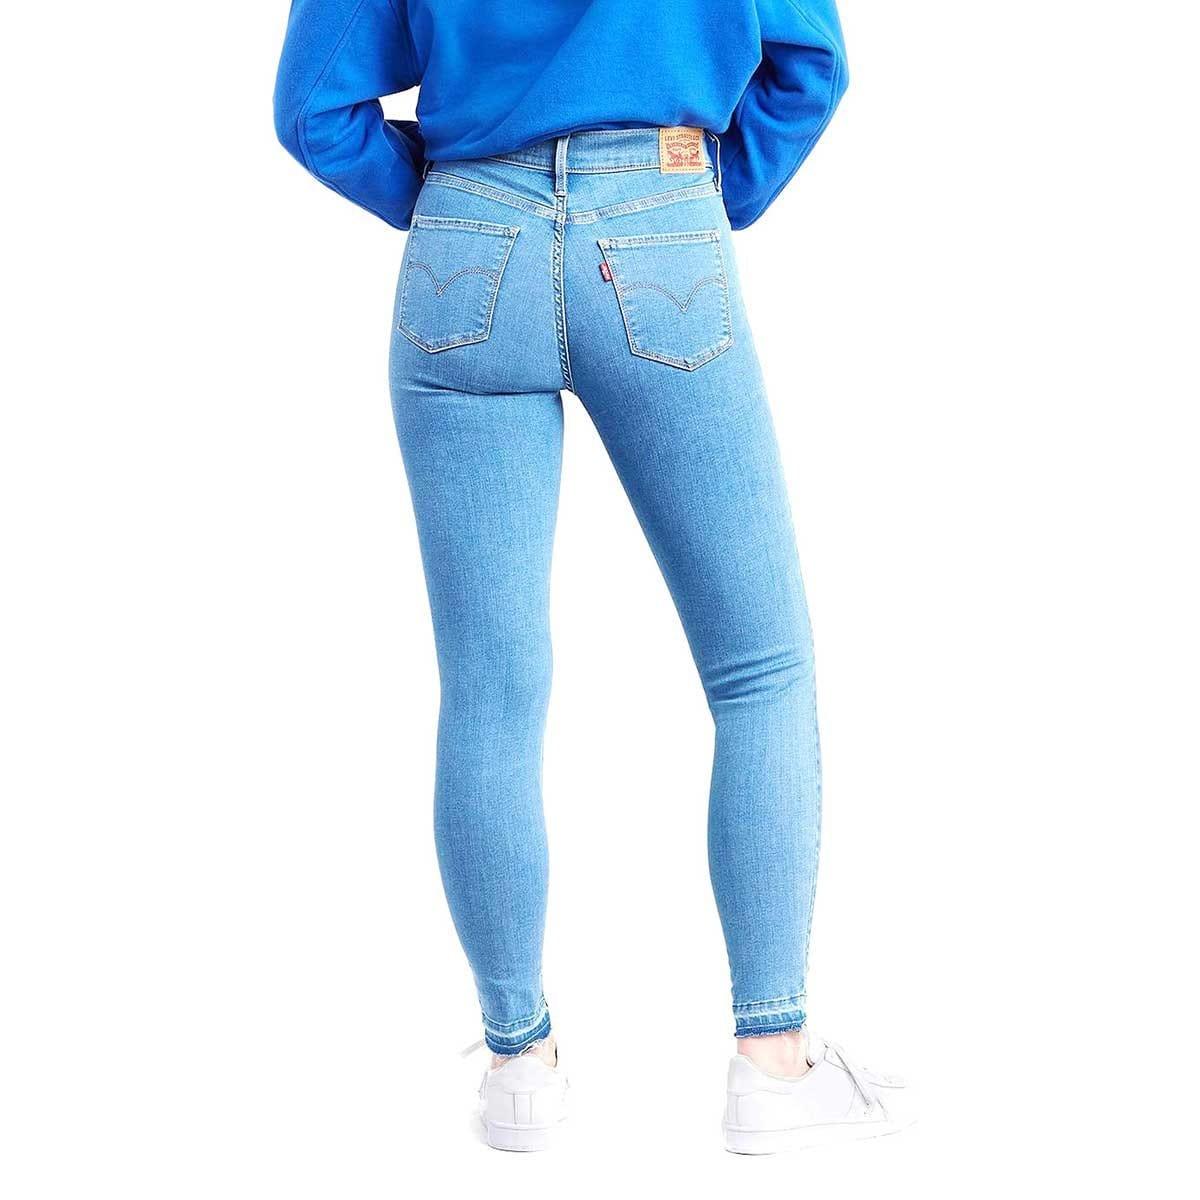 المراسلات المغامر كواجا Pantalones Levis Mujer Skinny Ffigh Org